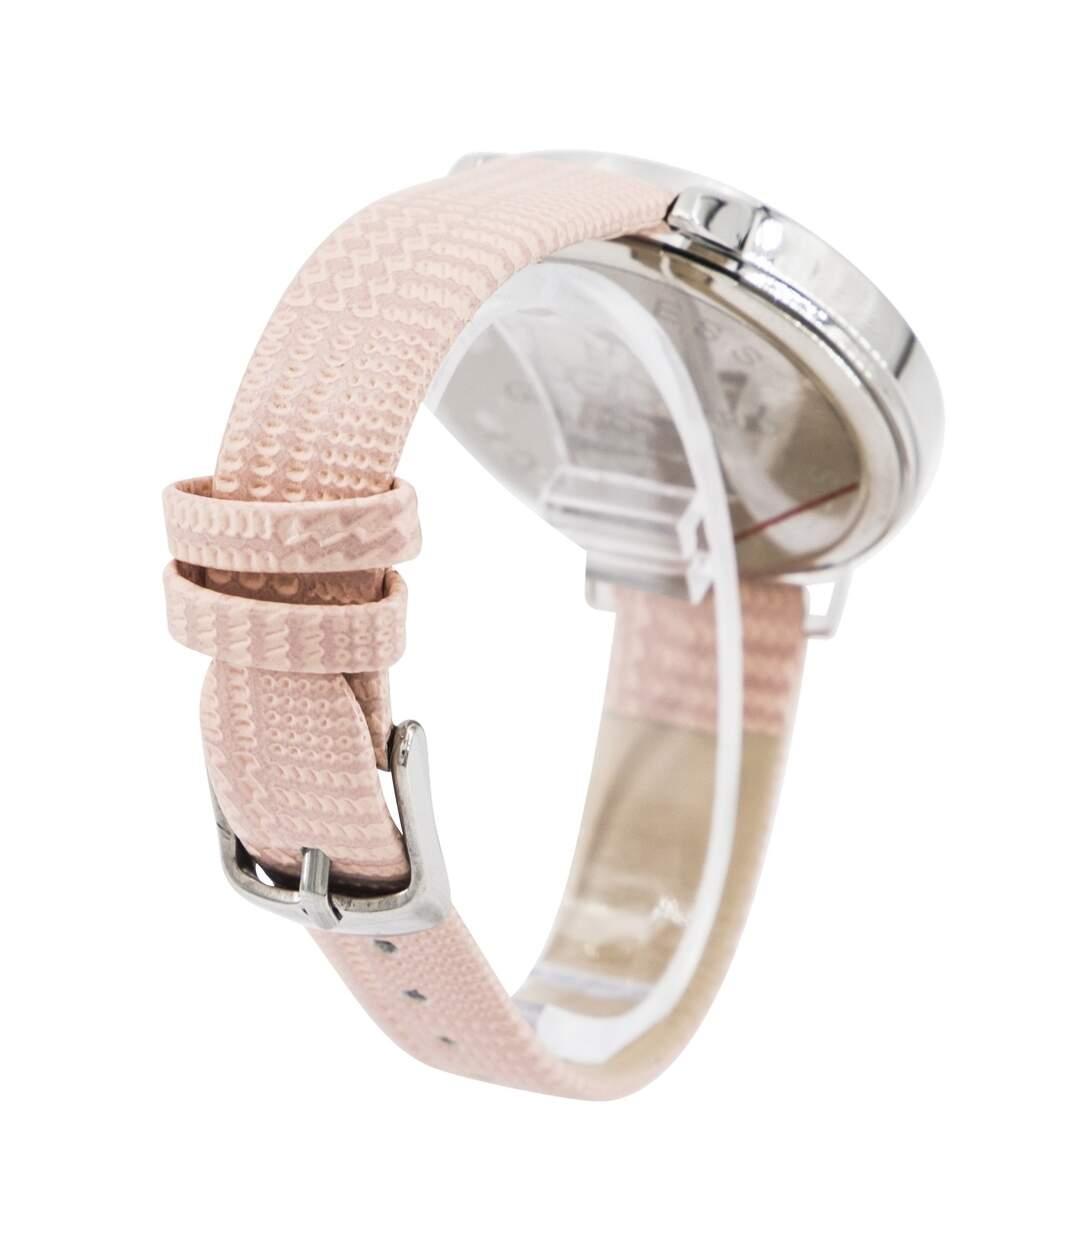 Dégagement Montre Femme GIORGIO bracelet Cuir Rose dsf.d455nksdKLFHG